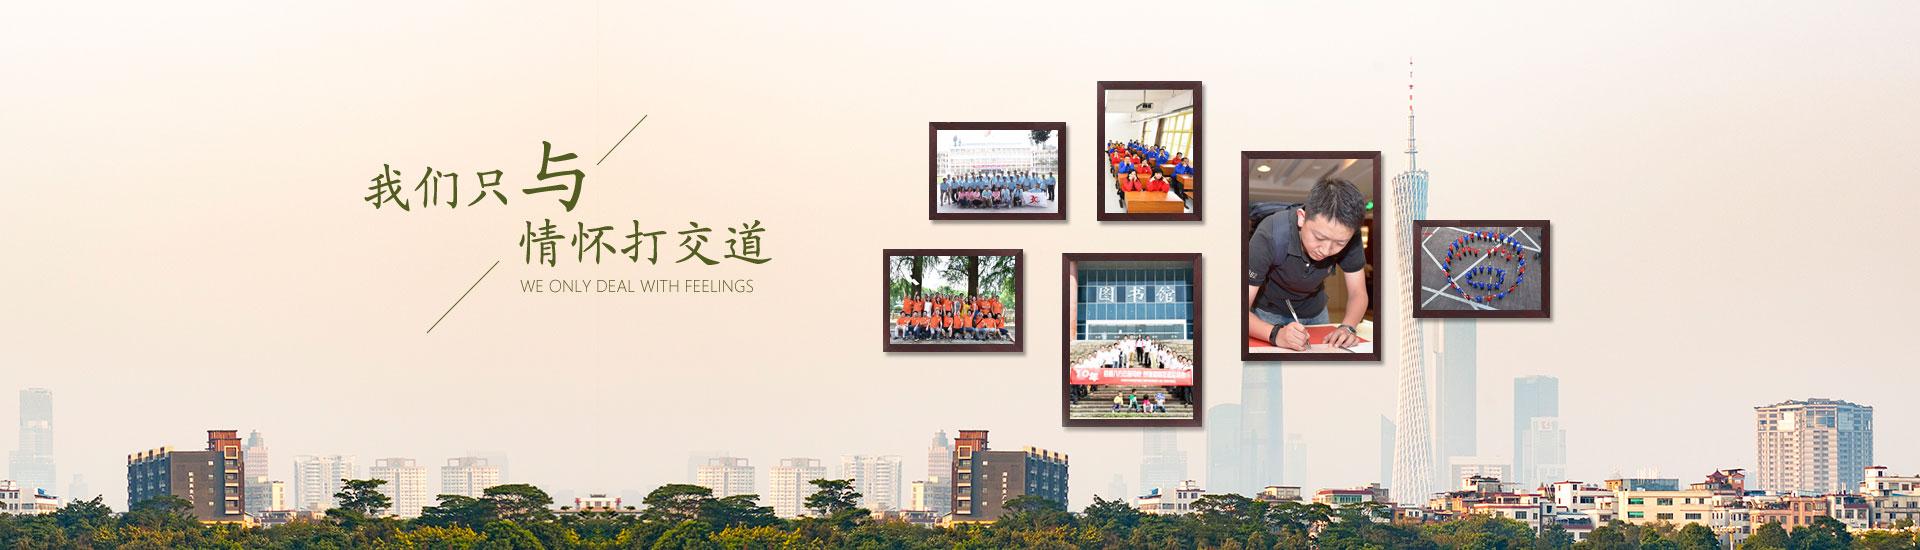 安徽聚会网